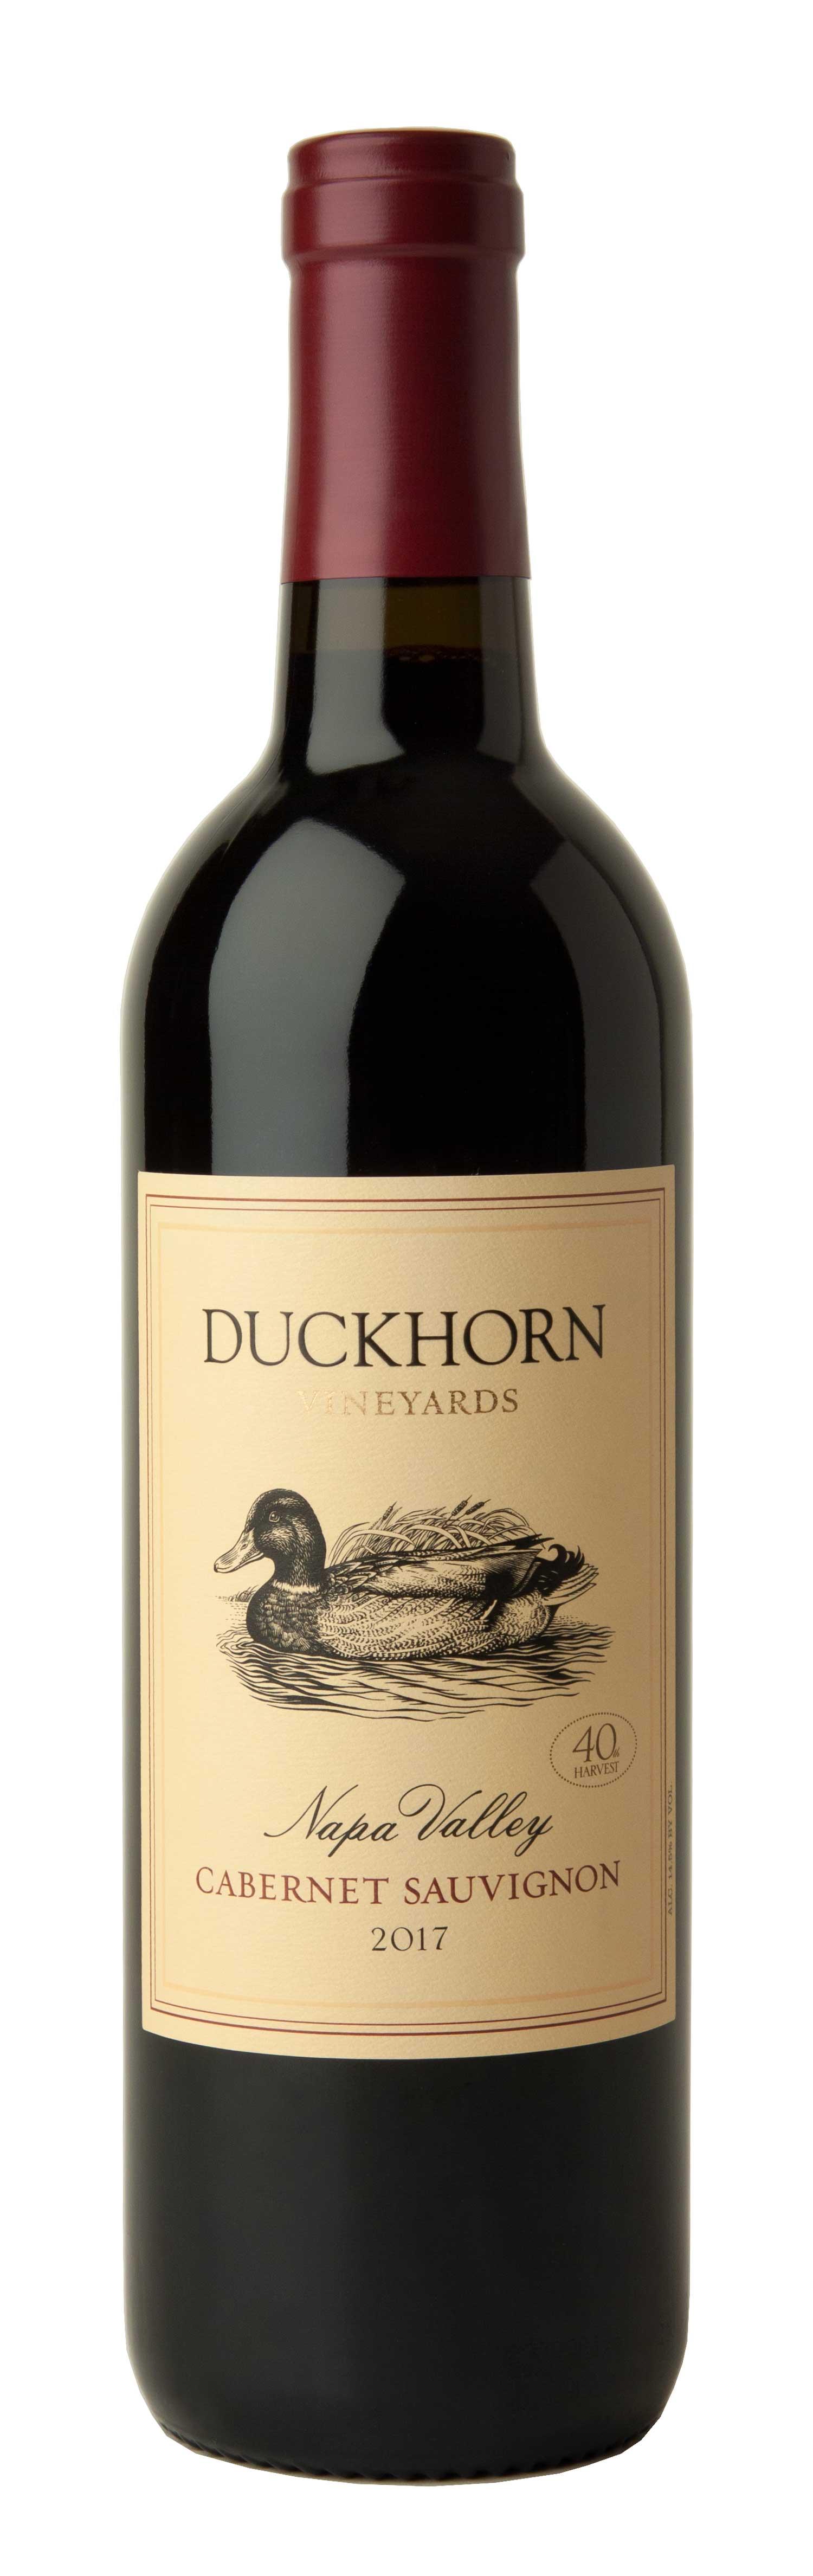 Duckhorn Vineyards Napa Valley Cabernet Sauvignon